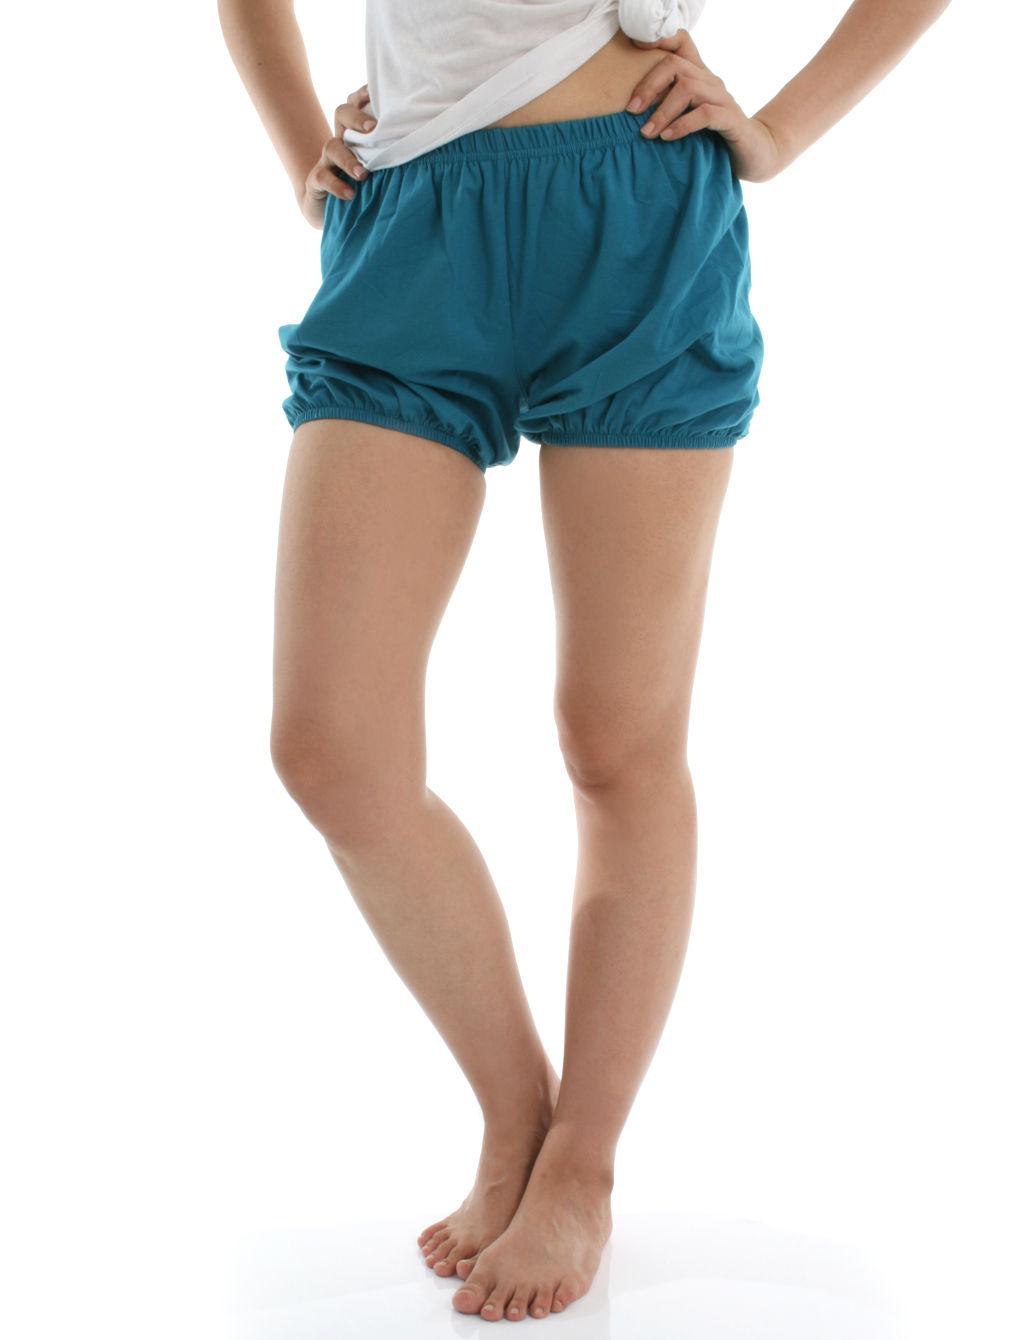 360度全方位防走光! RTBU瑜珈褲~燈籠褲造型。湖綠